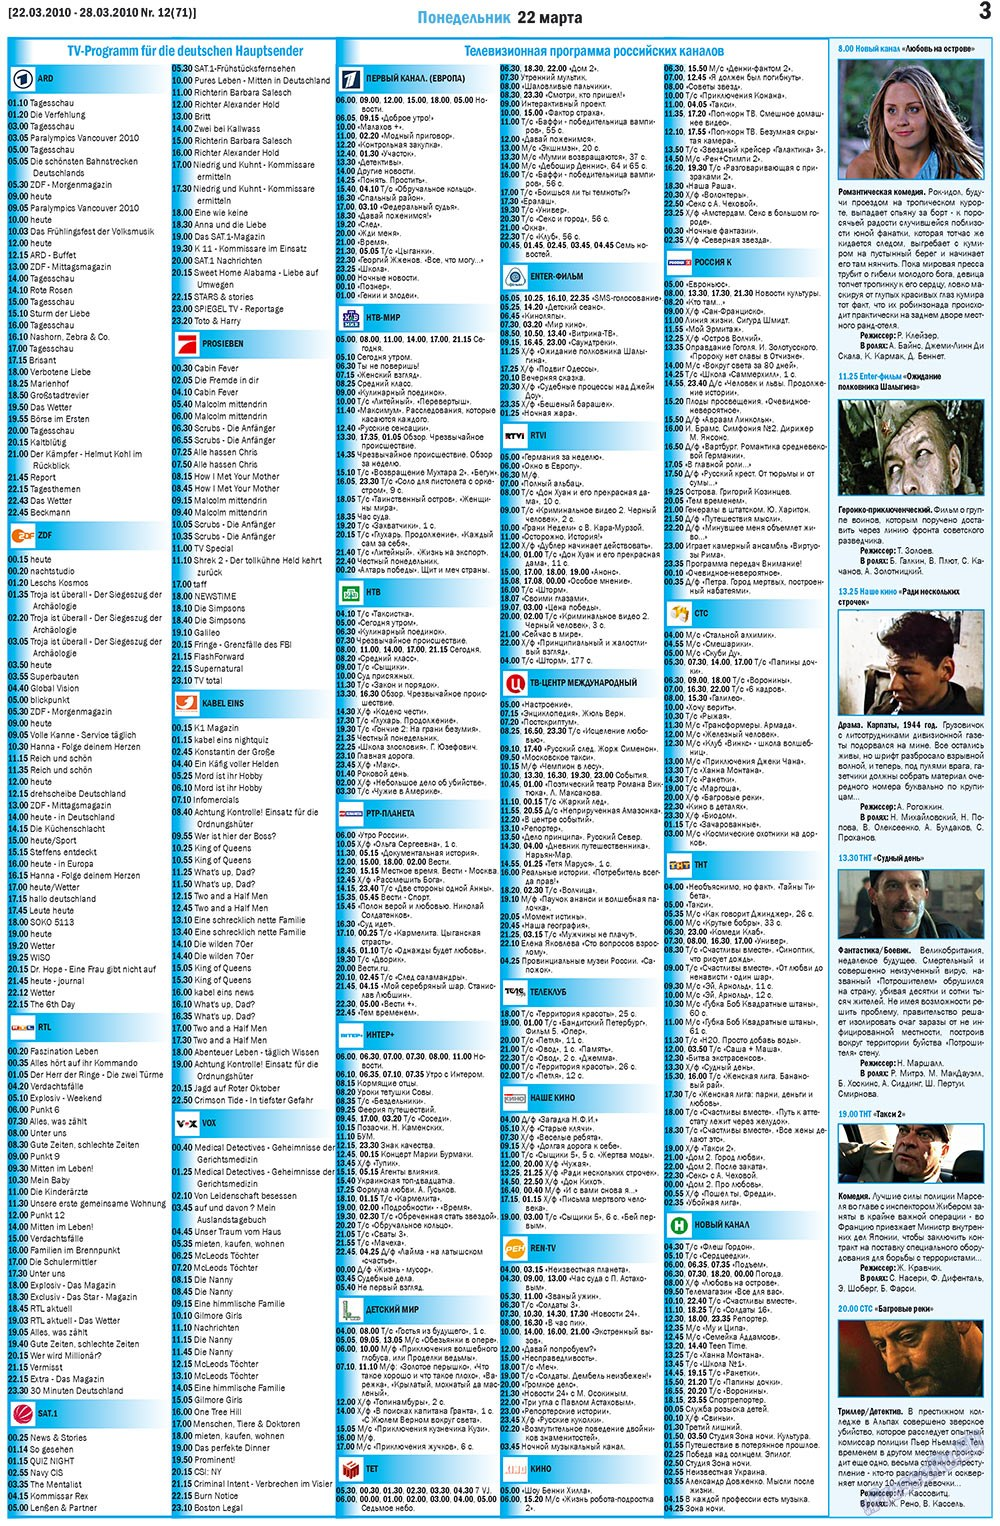 MIX-Markt Zeitung (газета). 2010 год, номер 12, стр. 3